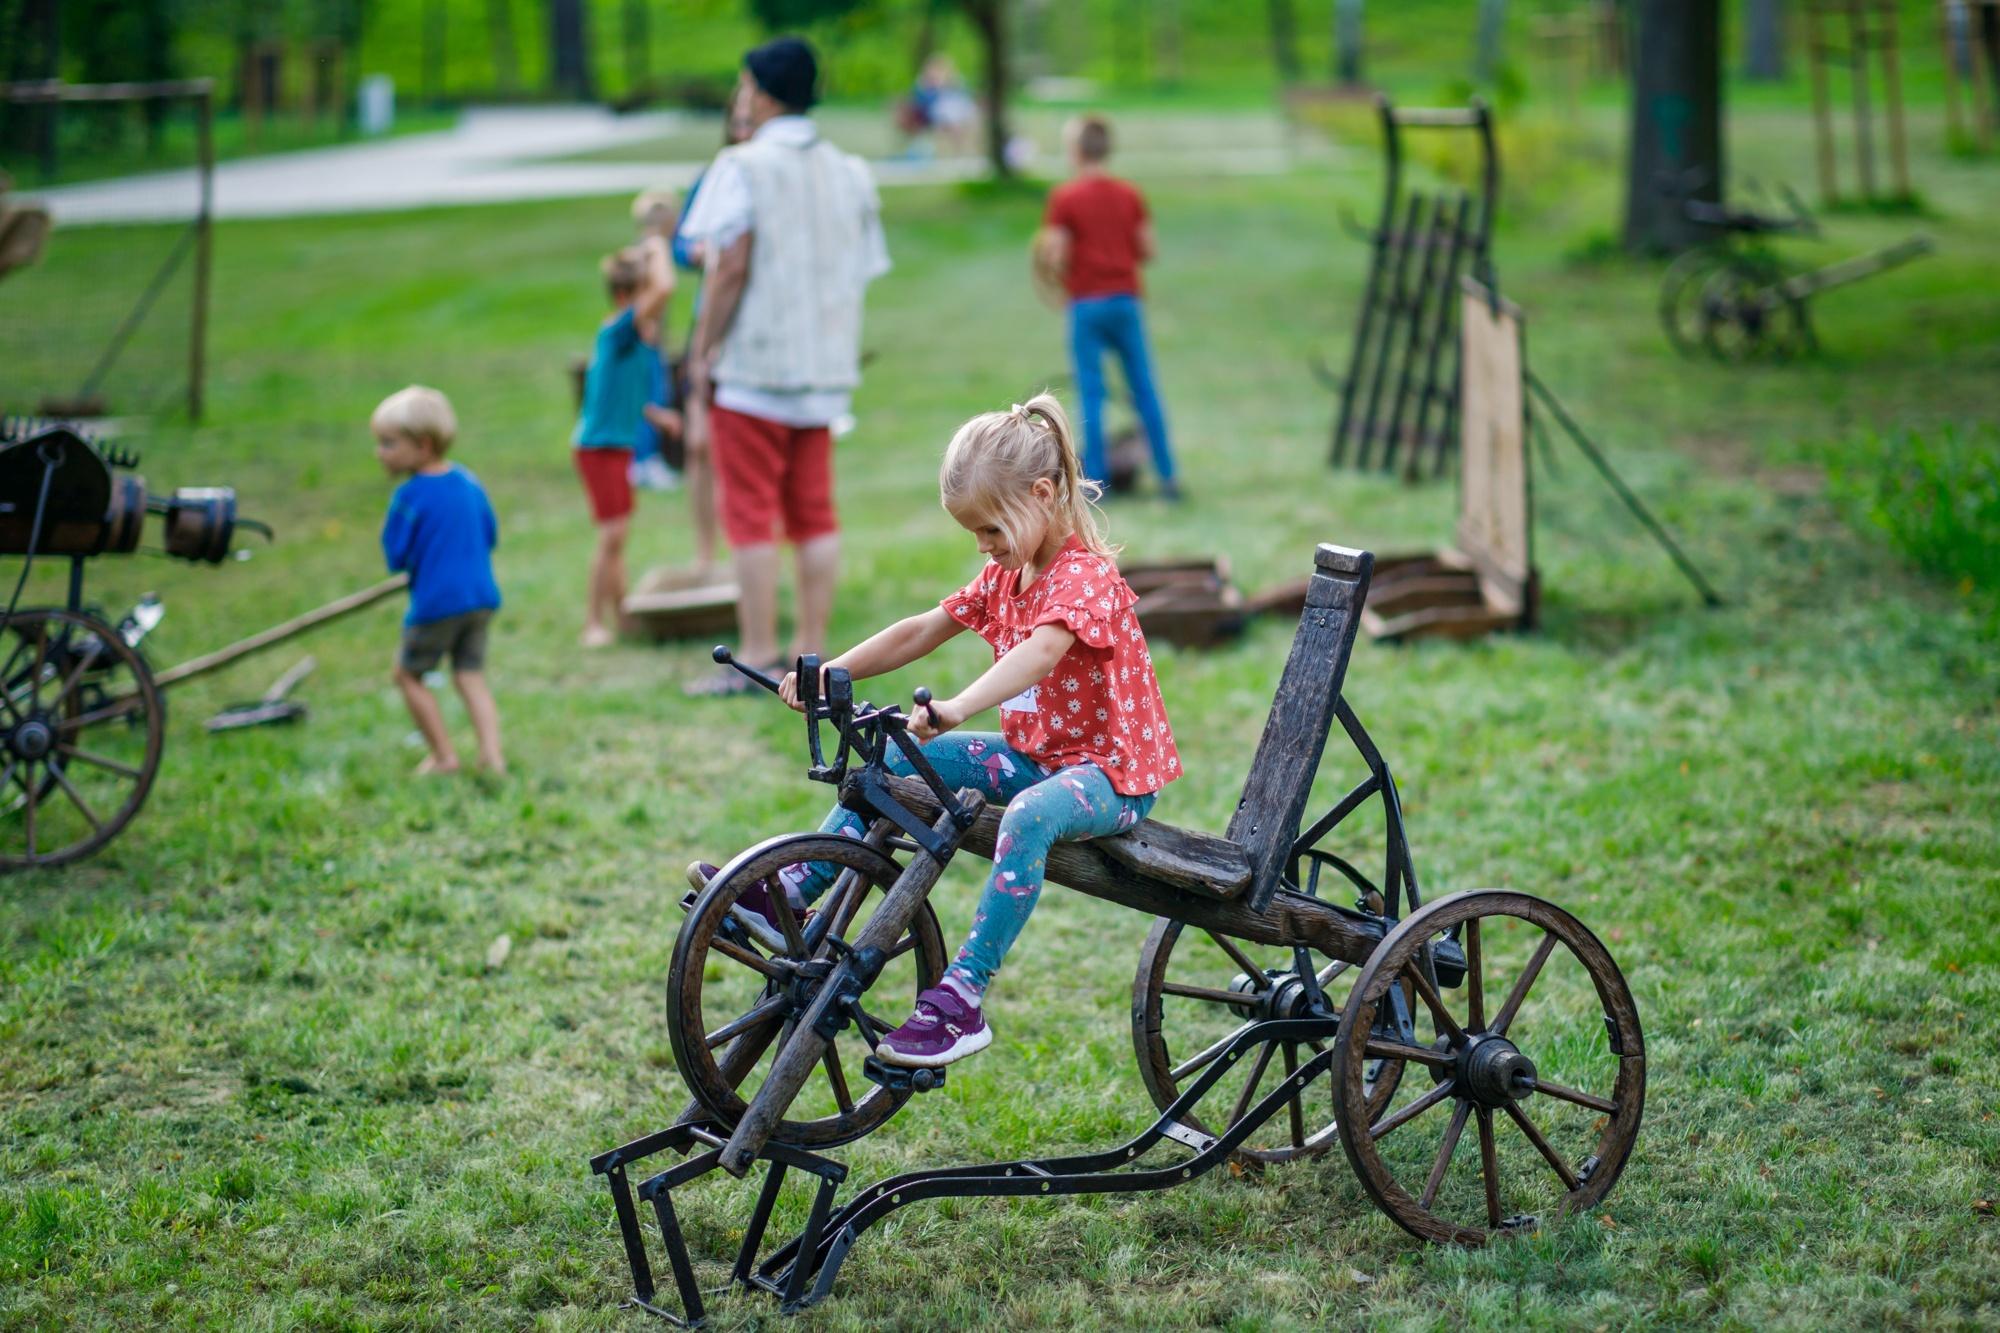 dziewczynka siedzi na starym, trójkołowym, metalowym rowerze